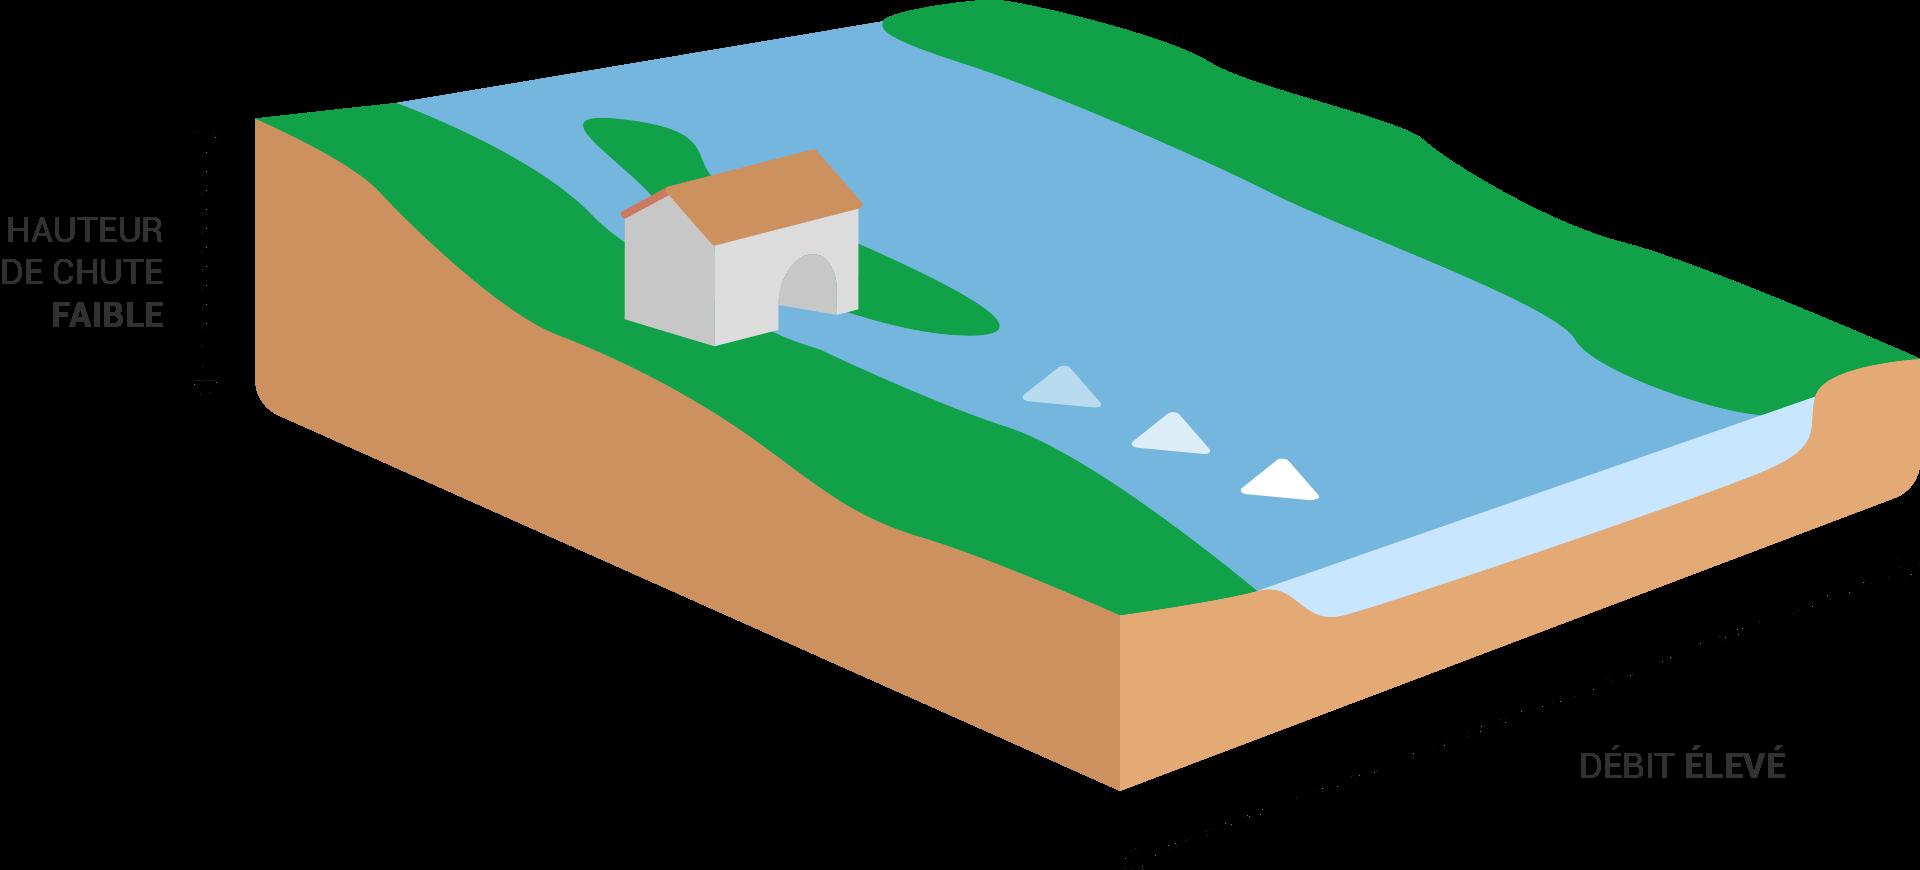 Schéma centrale de basse chute